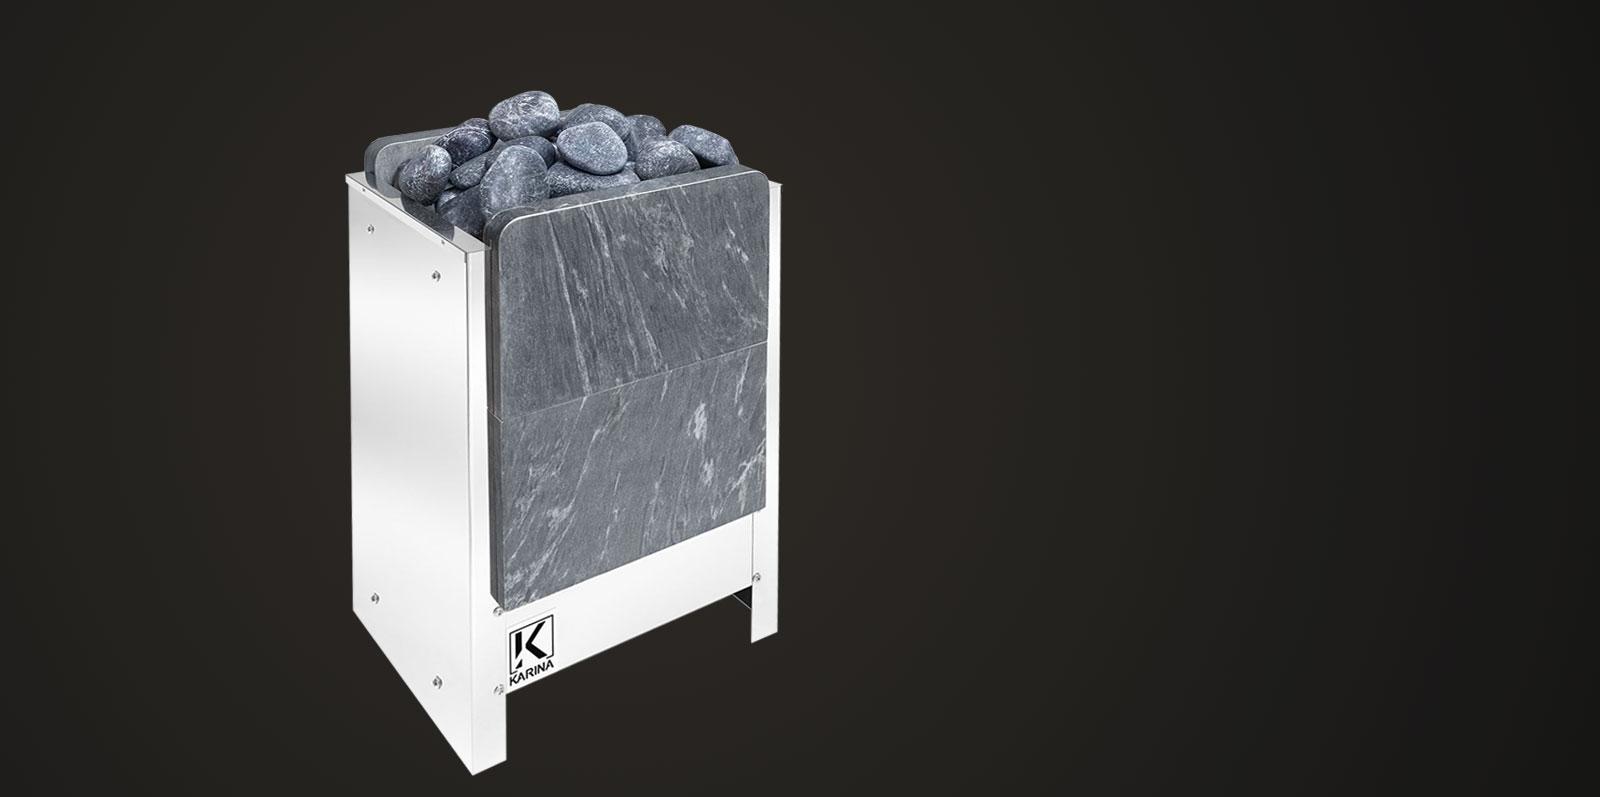 Электрическая печь KARINA Tetra 12 Талькохлорит